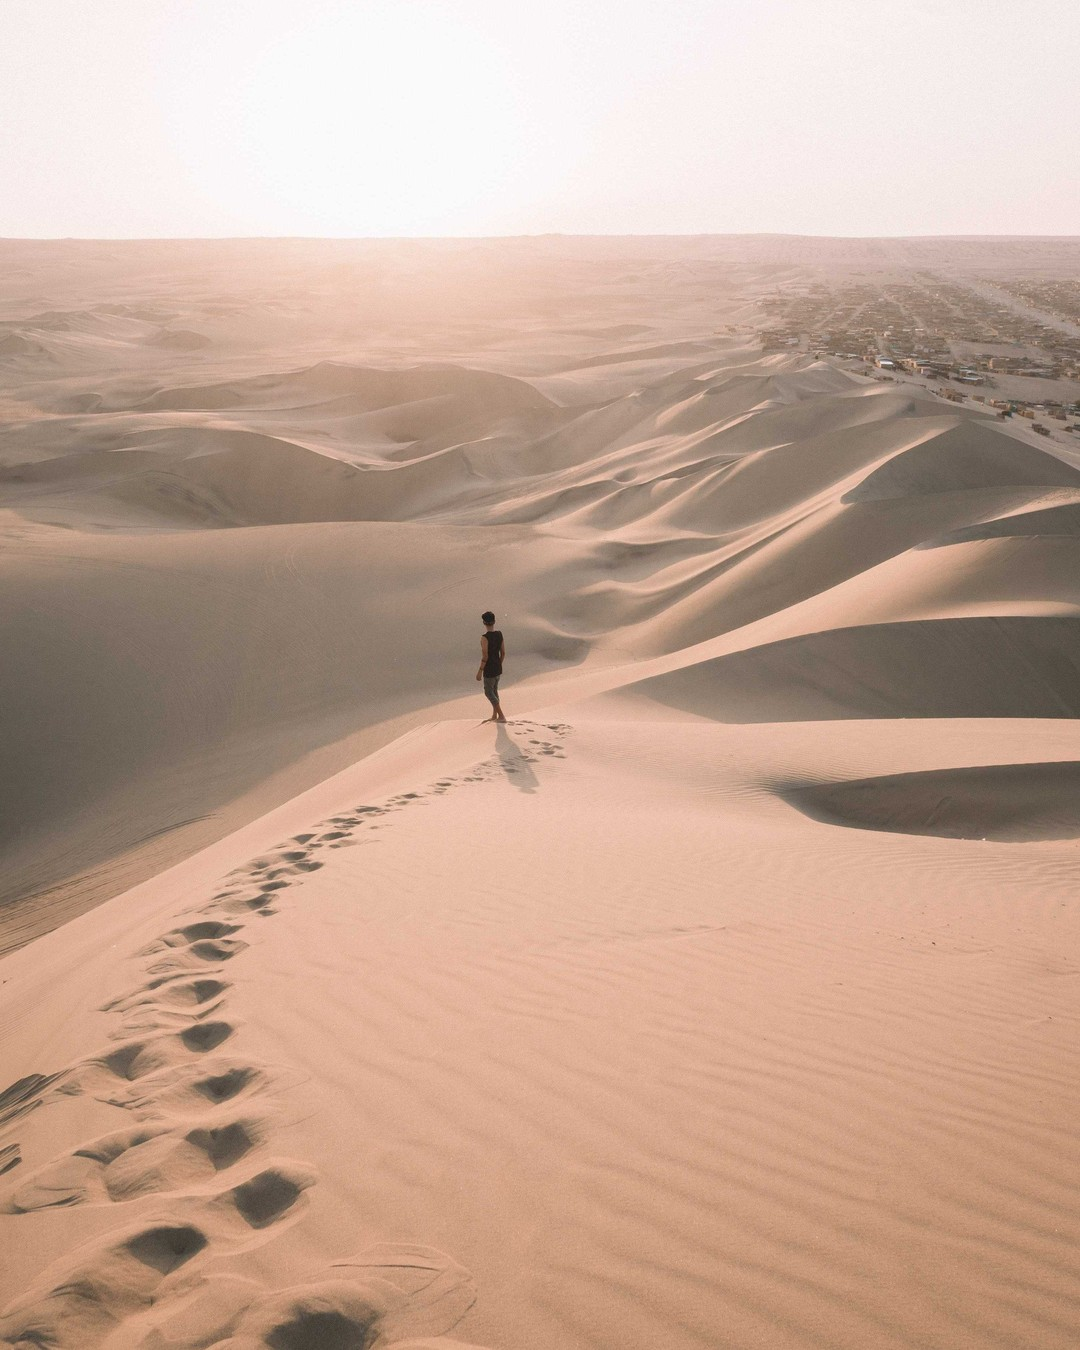 Nikt prawie nie wie, dokąd go zaprowadzi droga, póki nie stanie u celu. J.R.R. Tolkien, Dwie Wieże #cytat #cytaty #love #inspiracja #polska #instagood #photography #photo #życie #marzenia #cytatdnia #rozwojosobisty #pasja #rozwój #cytatyomiłości #quotes #sentencje #miłość #life #photooftheday #cytaty_i_nie_tylko #milosc #happy #szczęście #cytatyozyciu #najlepszecytaty #quote #teksty #piasek #sand